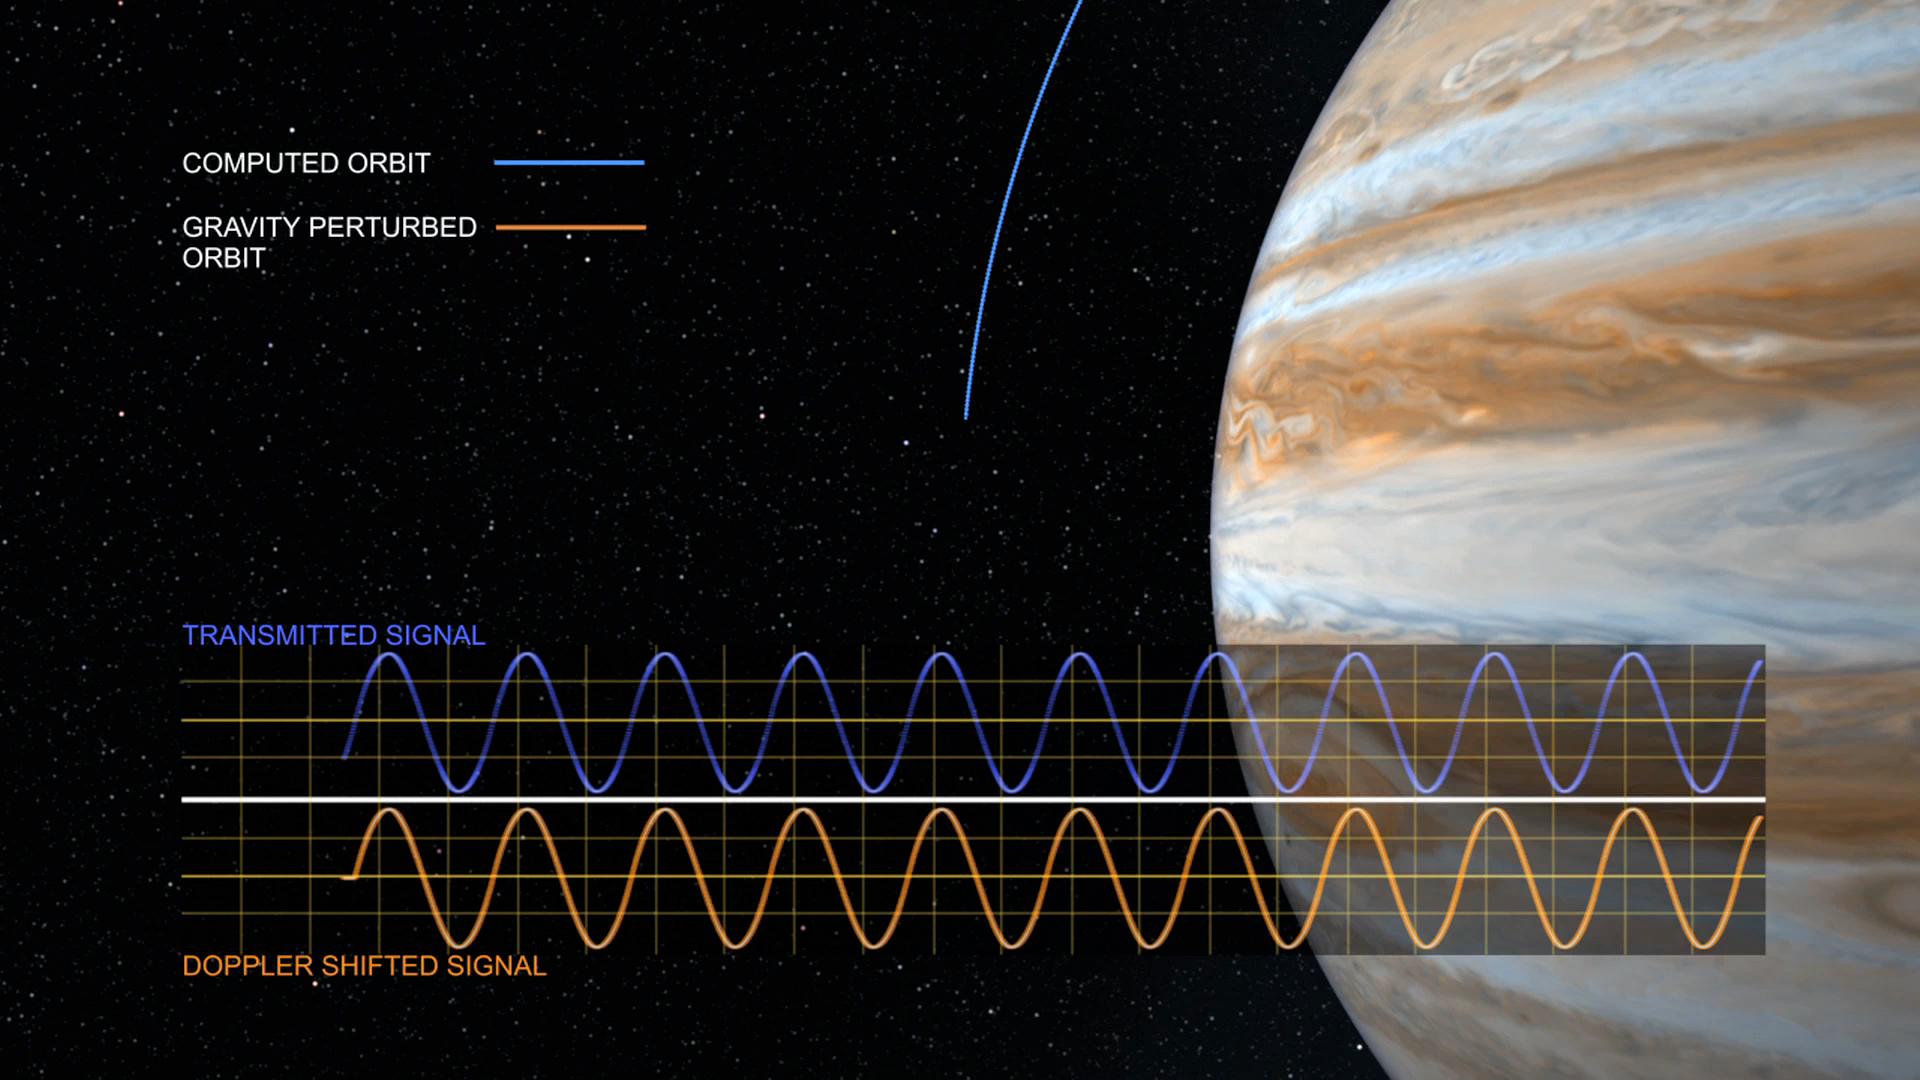 The Doppler Shift In Juno S Radio Signal